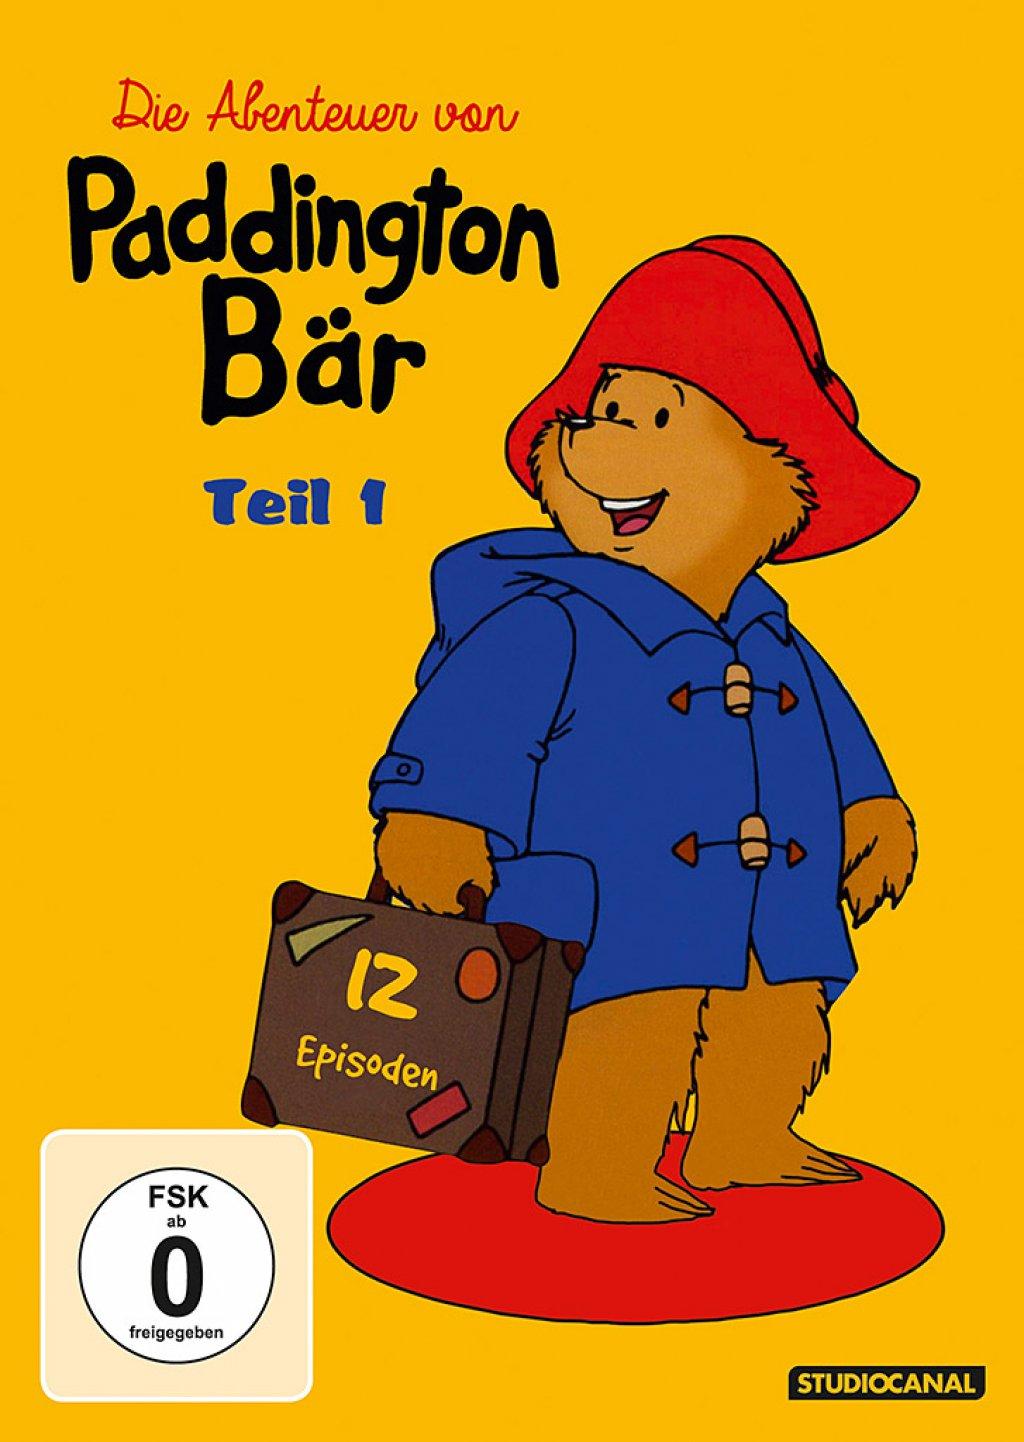 Die Abenteuer von Paddington Bär - Teil 1 (DVD)